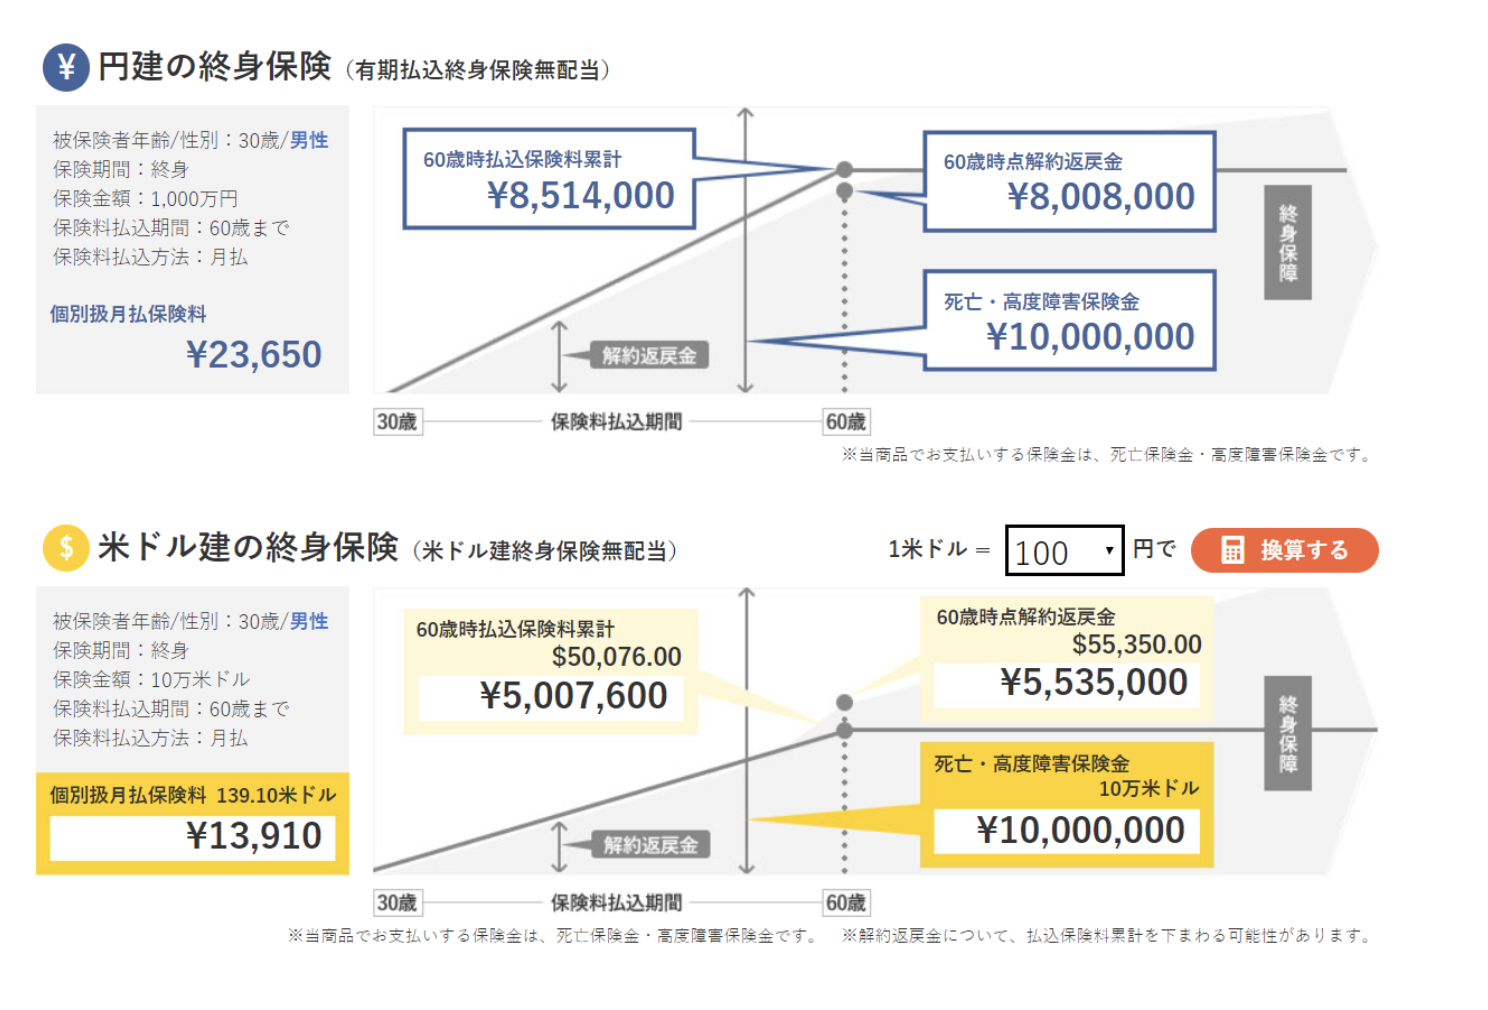 プルデンシャル生命「変額保険(終身型)(無配当)」を解説の図